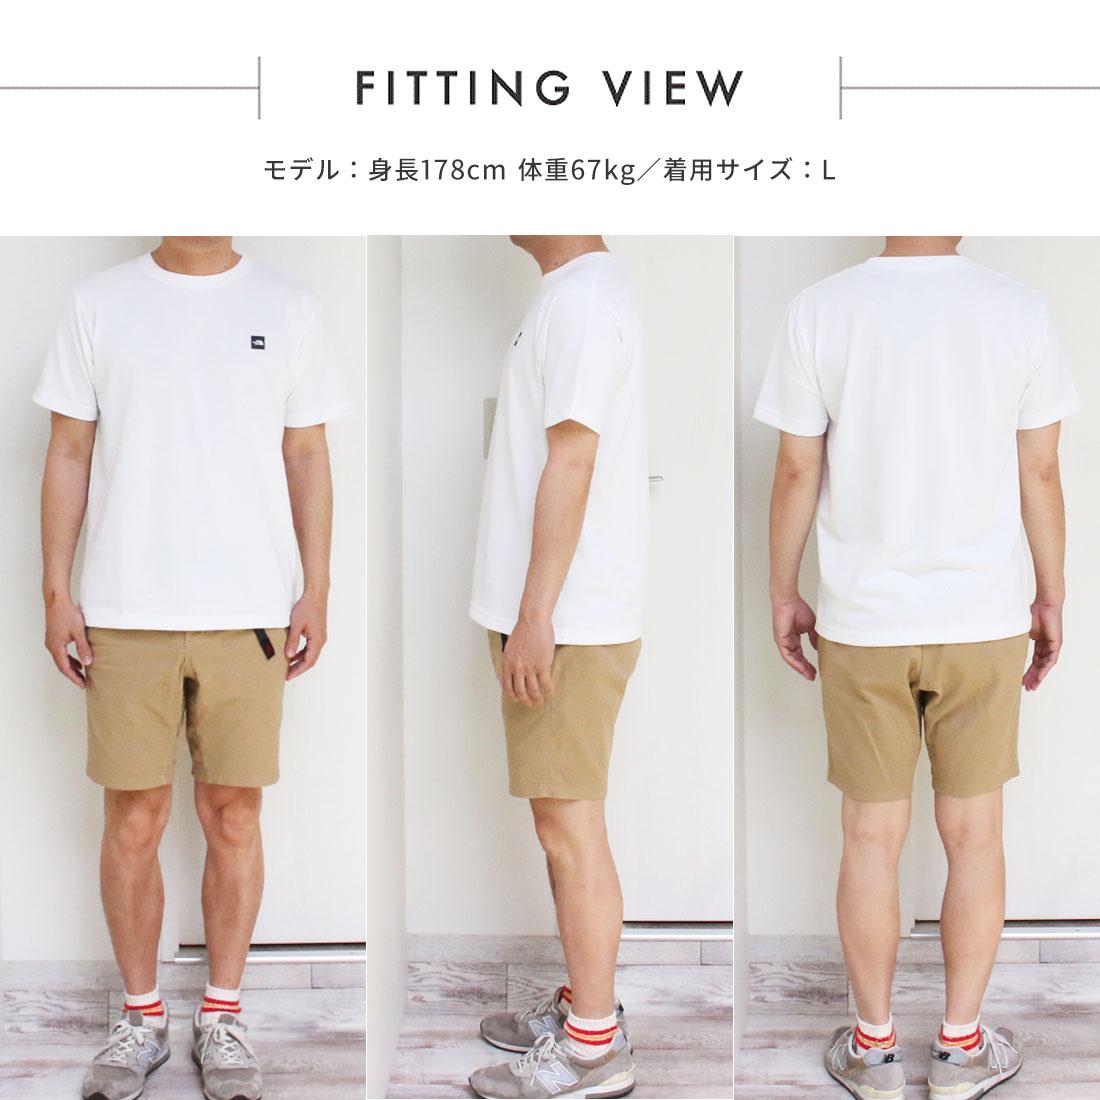 ノースフェイス THE NORTH FACE S/S Small Box Logo Tee(M L)ショートスリーブバックスクエアーロゴティー メンズ 半袖Tシャツ【メール便可】